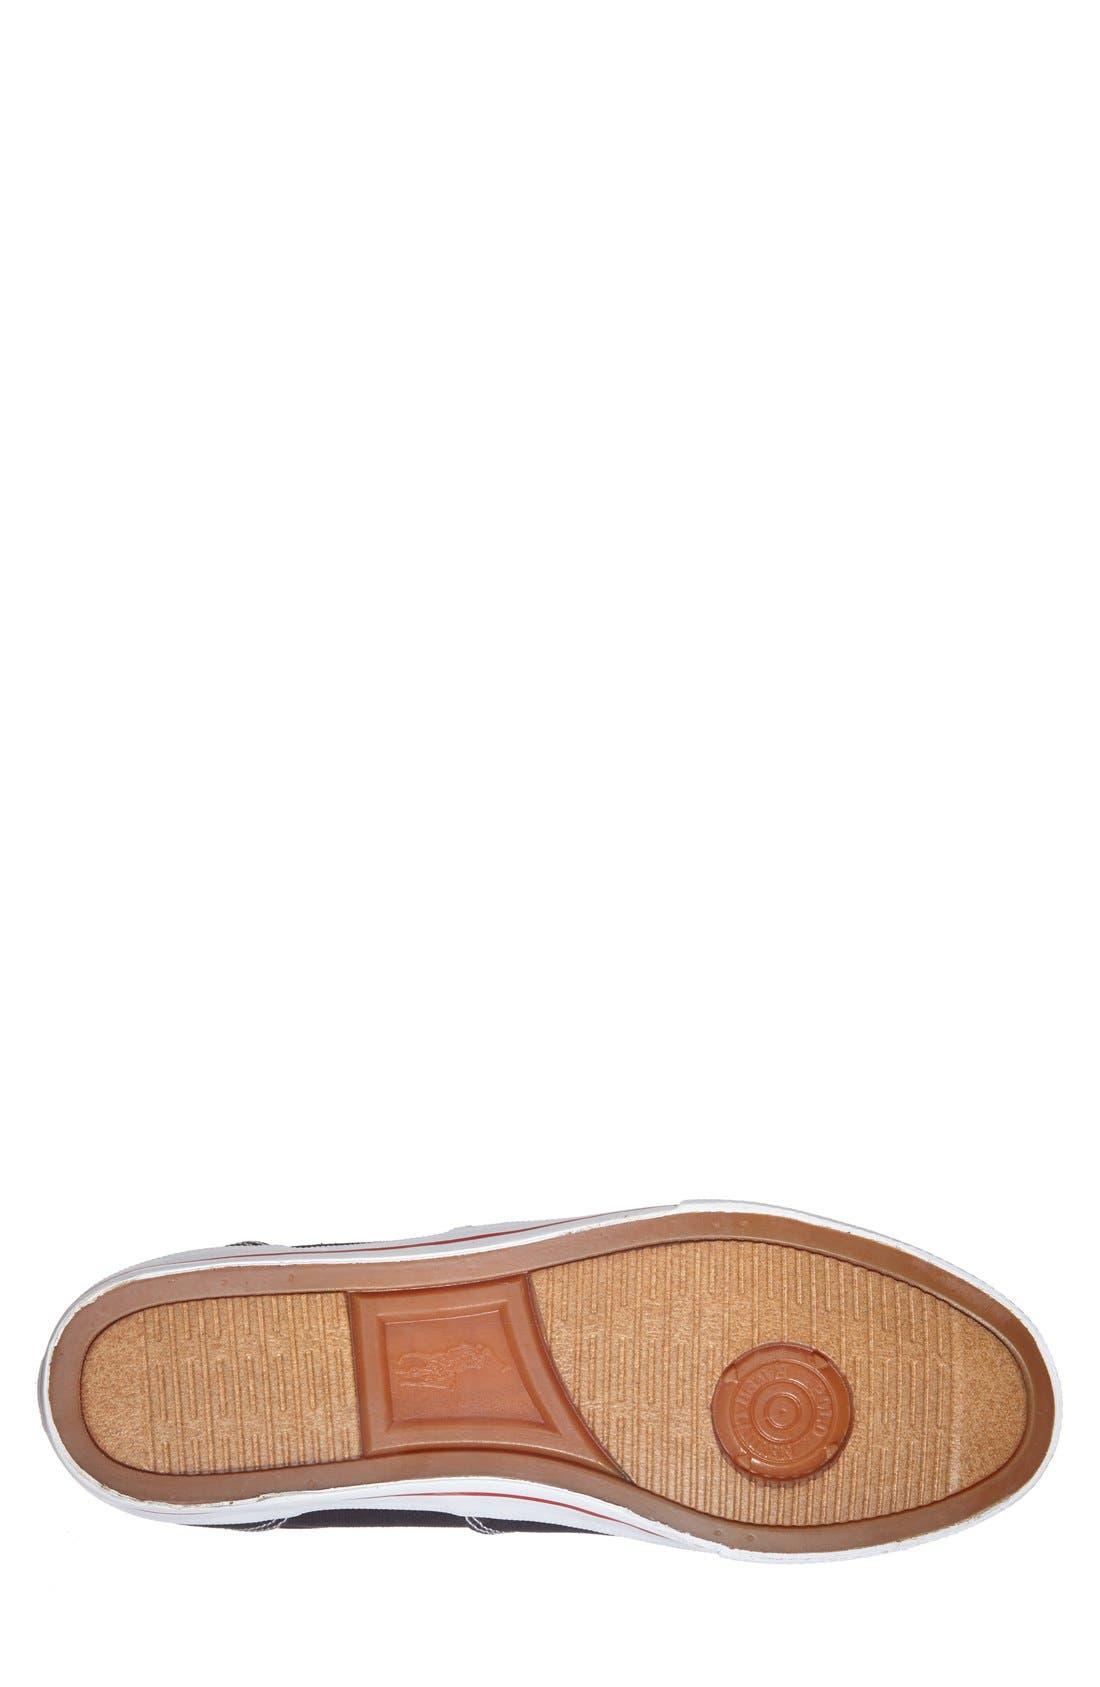 'Vaughn' Sneaker,                             Alternate thumbnail 4, color,                             001